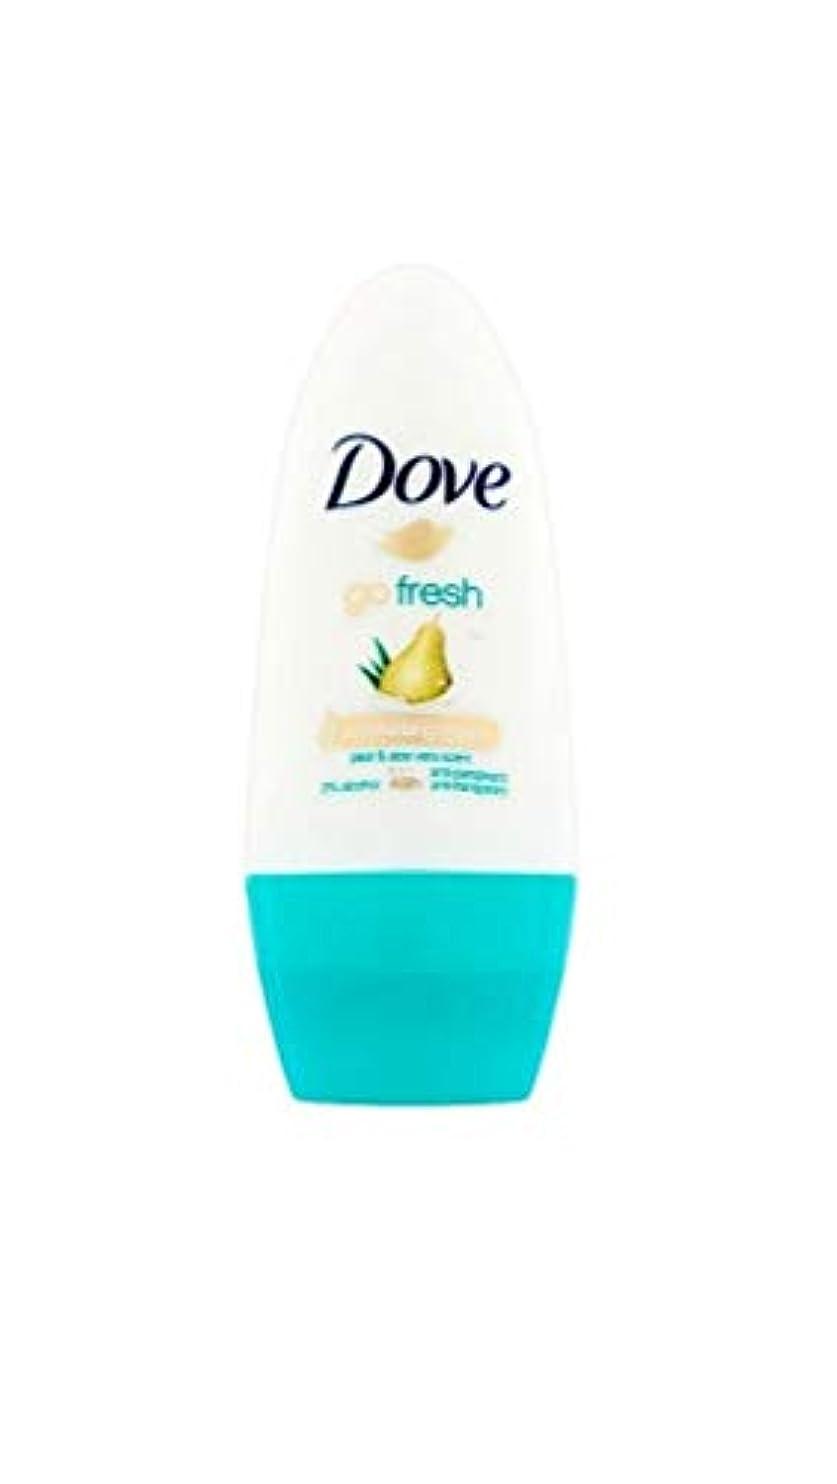 貫通間隔健全ドーブ新鮮になるナシ、アロエベラ香り制汗剤デオドラントロール女性の為に - Dove Go Fresh Pear & Aloe Vera Scent Anti-perspirant Deodorant Roll On for...